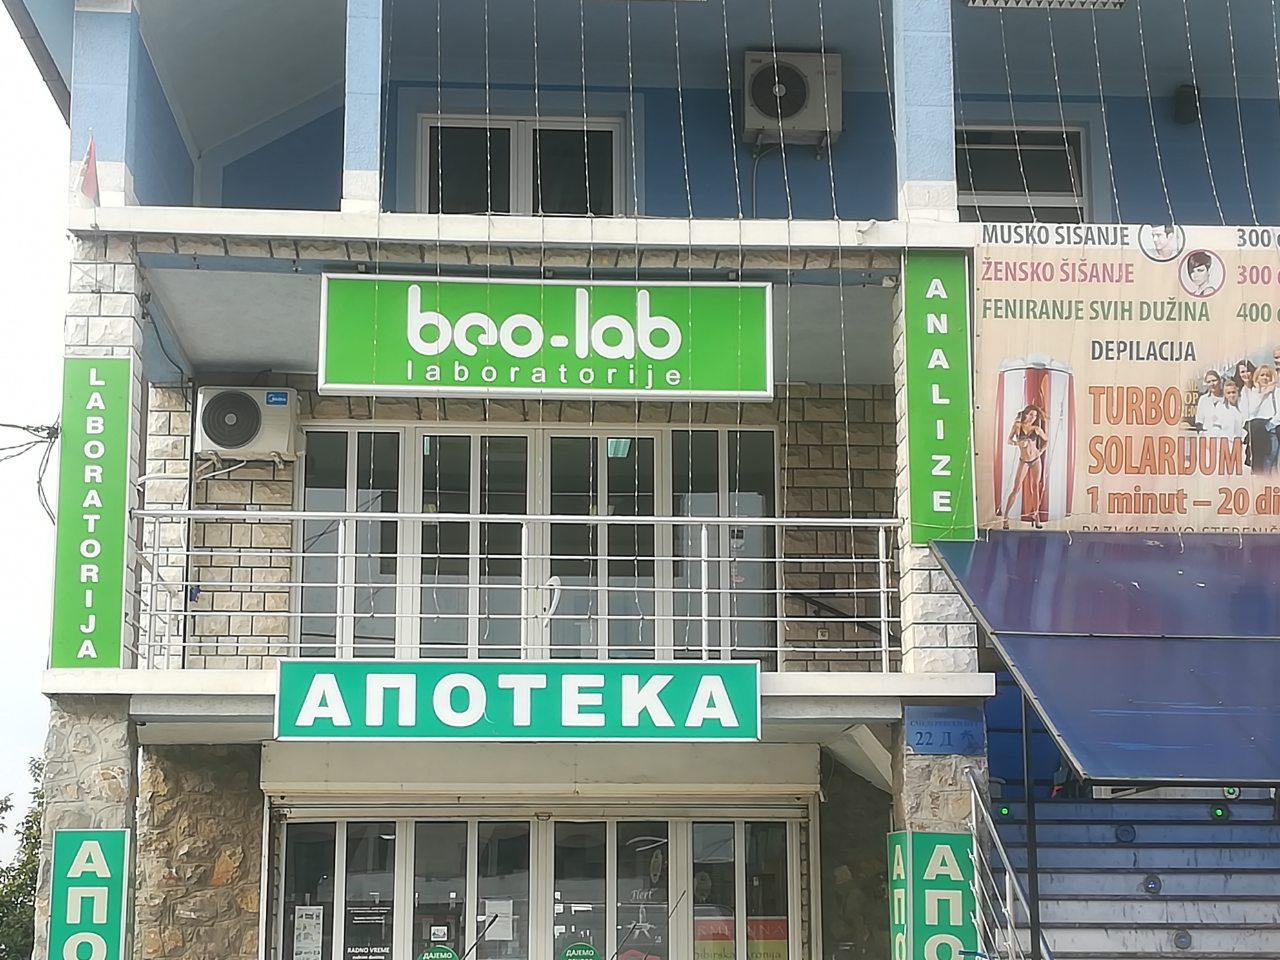 Beo-lab laboratorija Kaluđerica, Smederevski put 24b 5